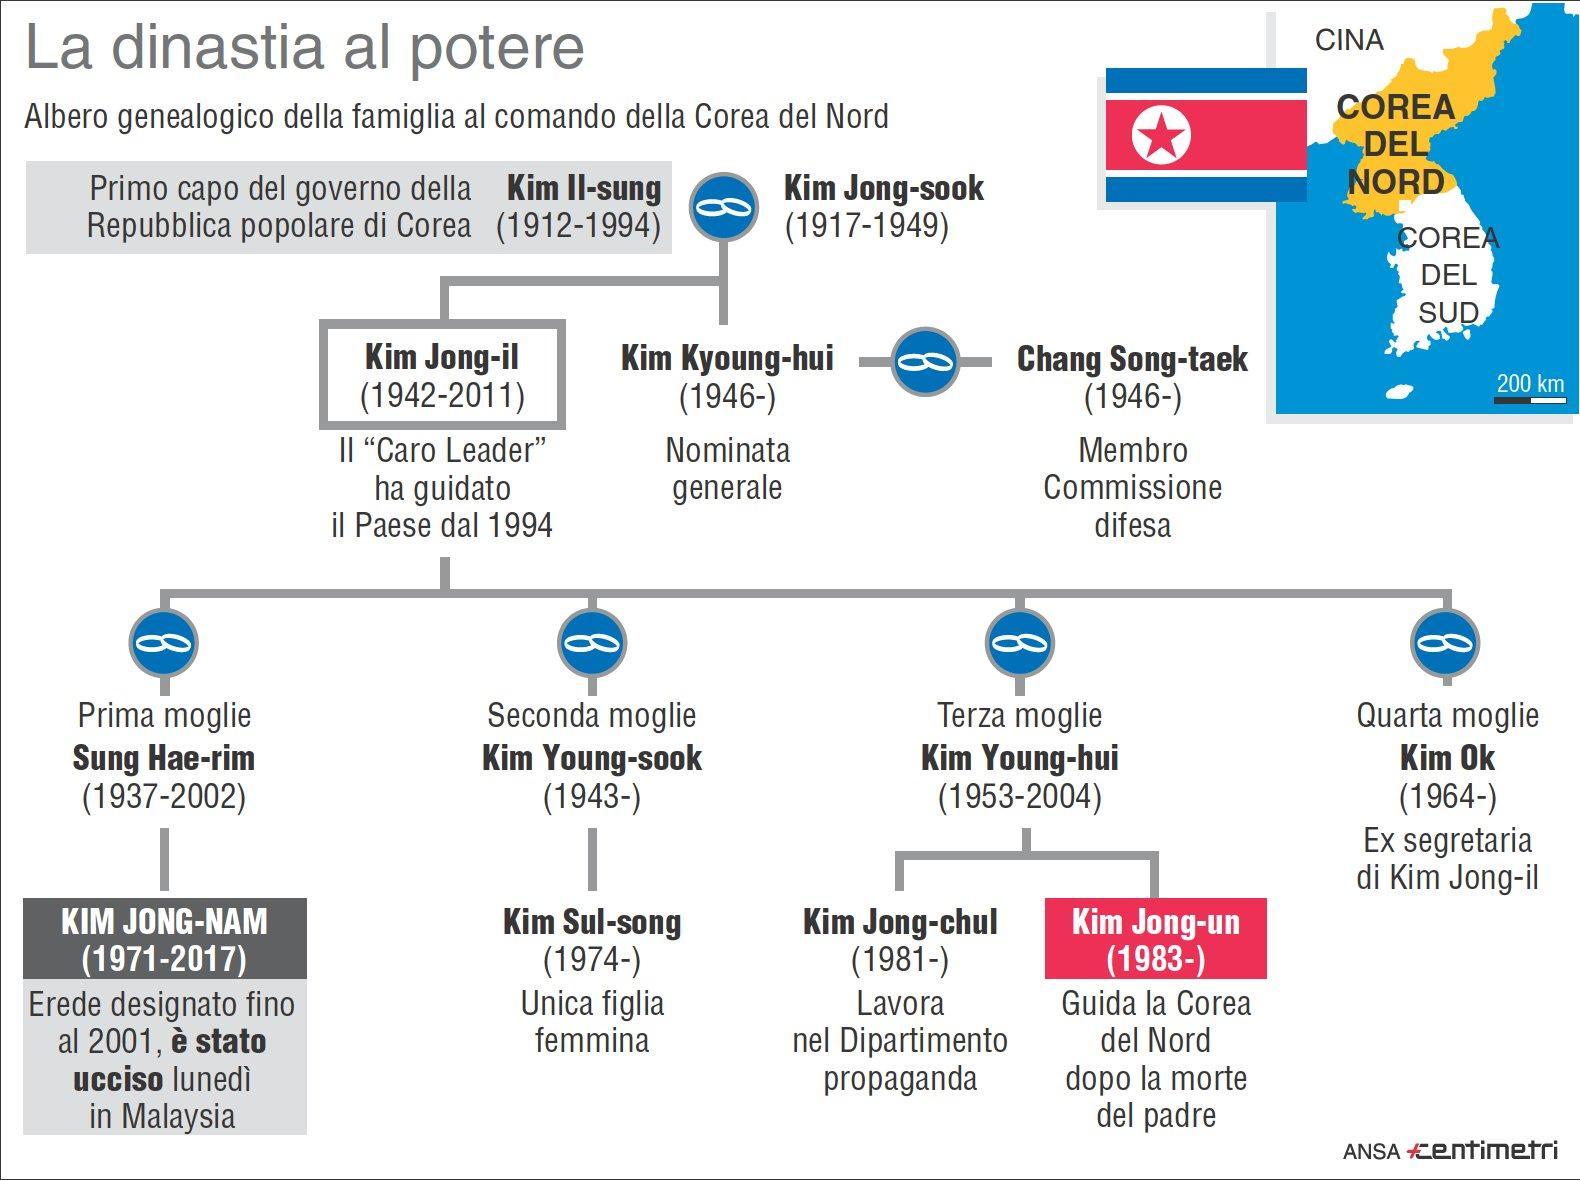 L albero genealogico della famiglia al potere in Corea del Nord